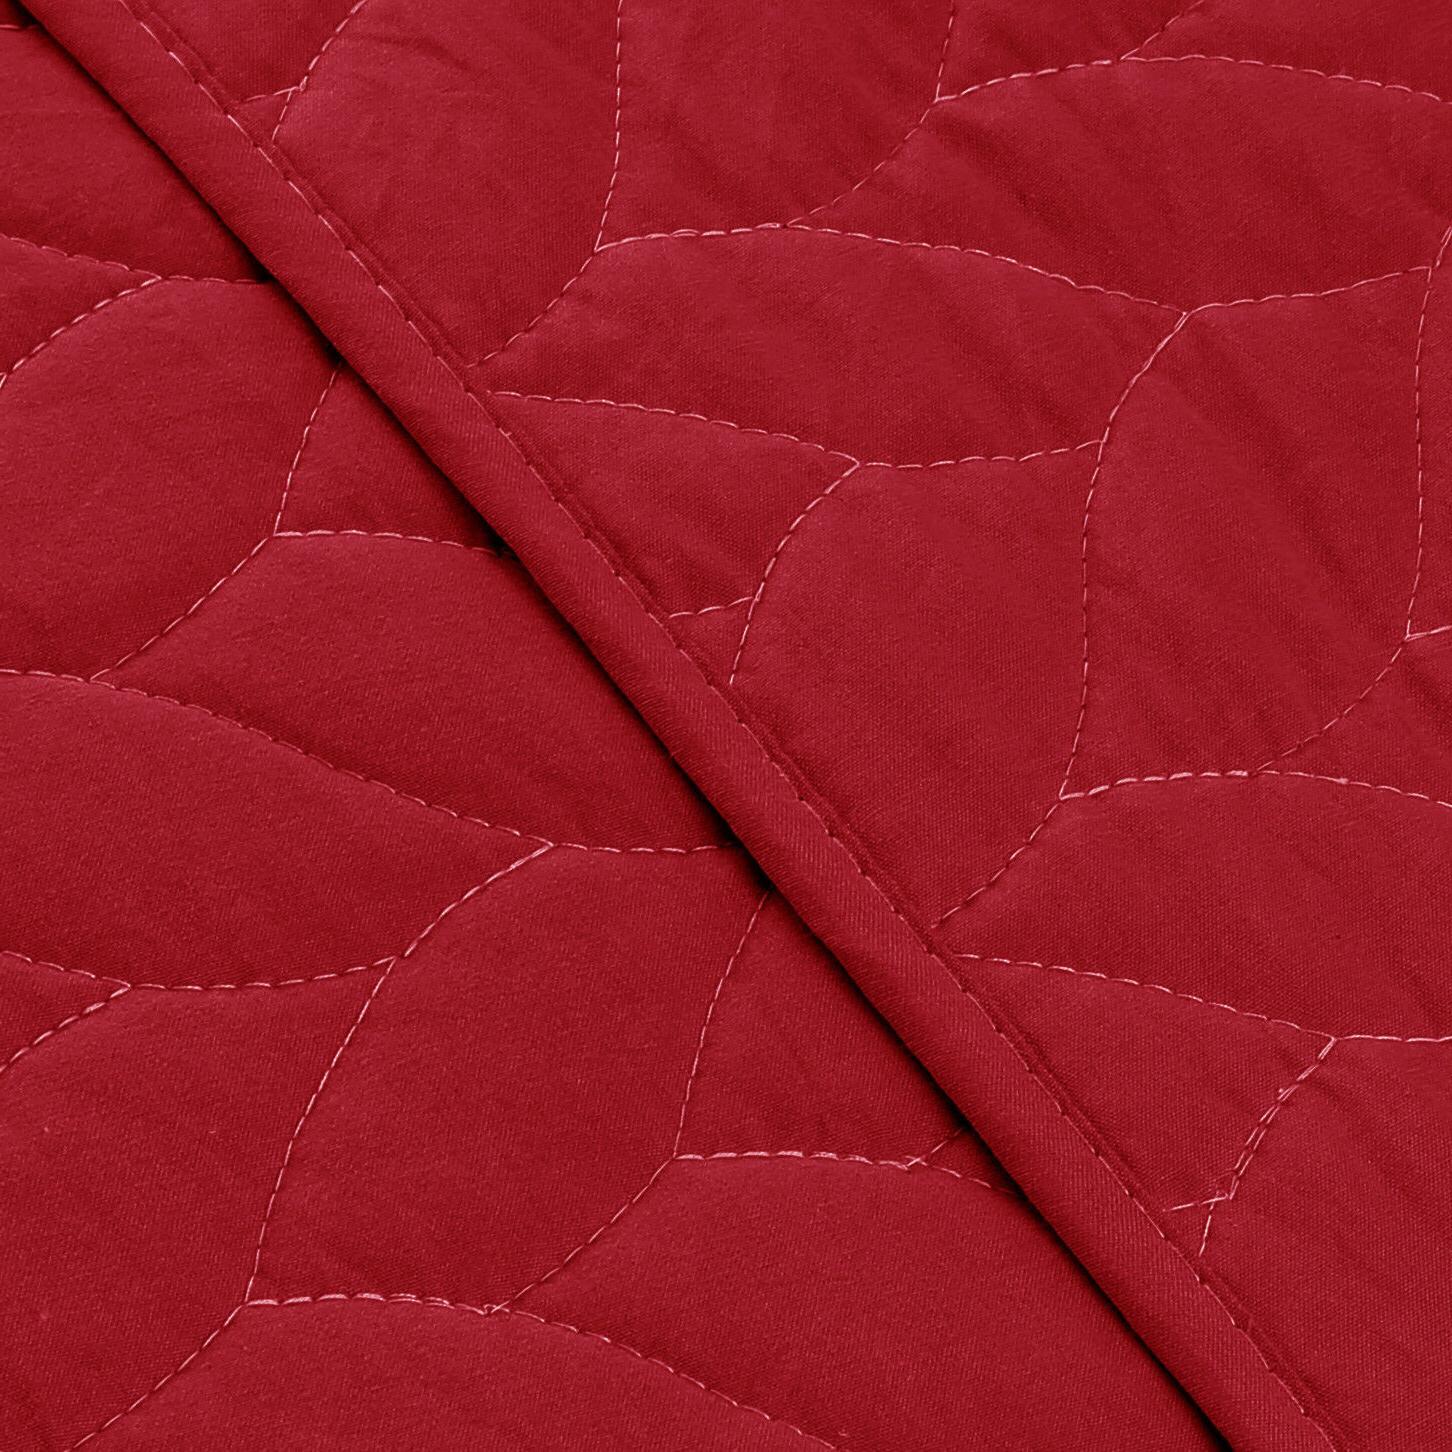 3 Piece Lightweight Bedspread Prewashed, Queen King